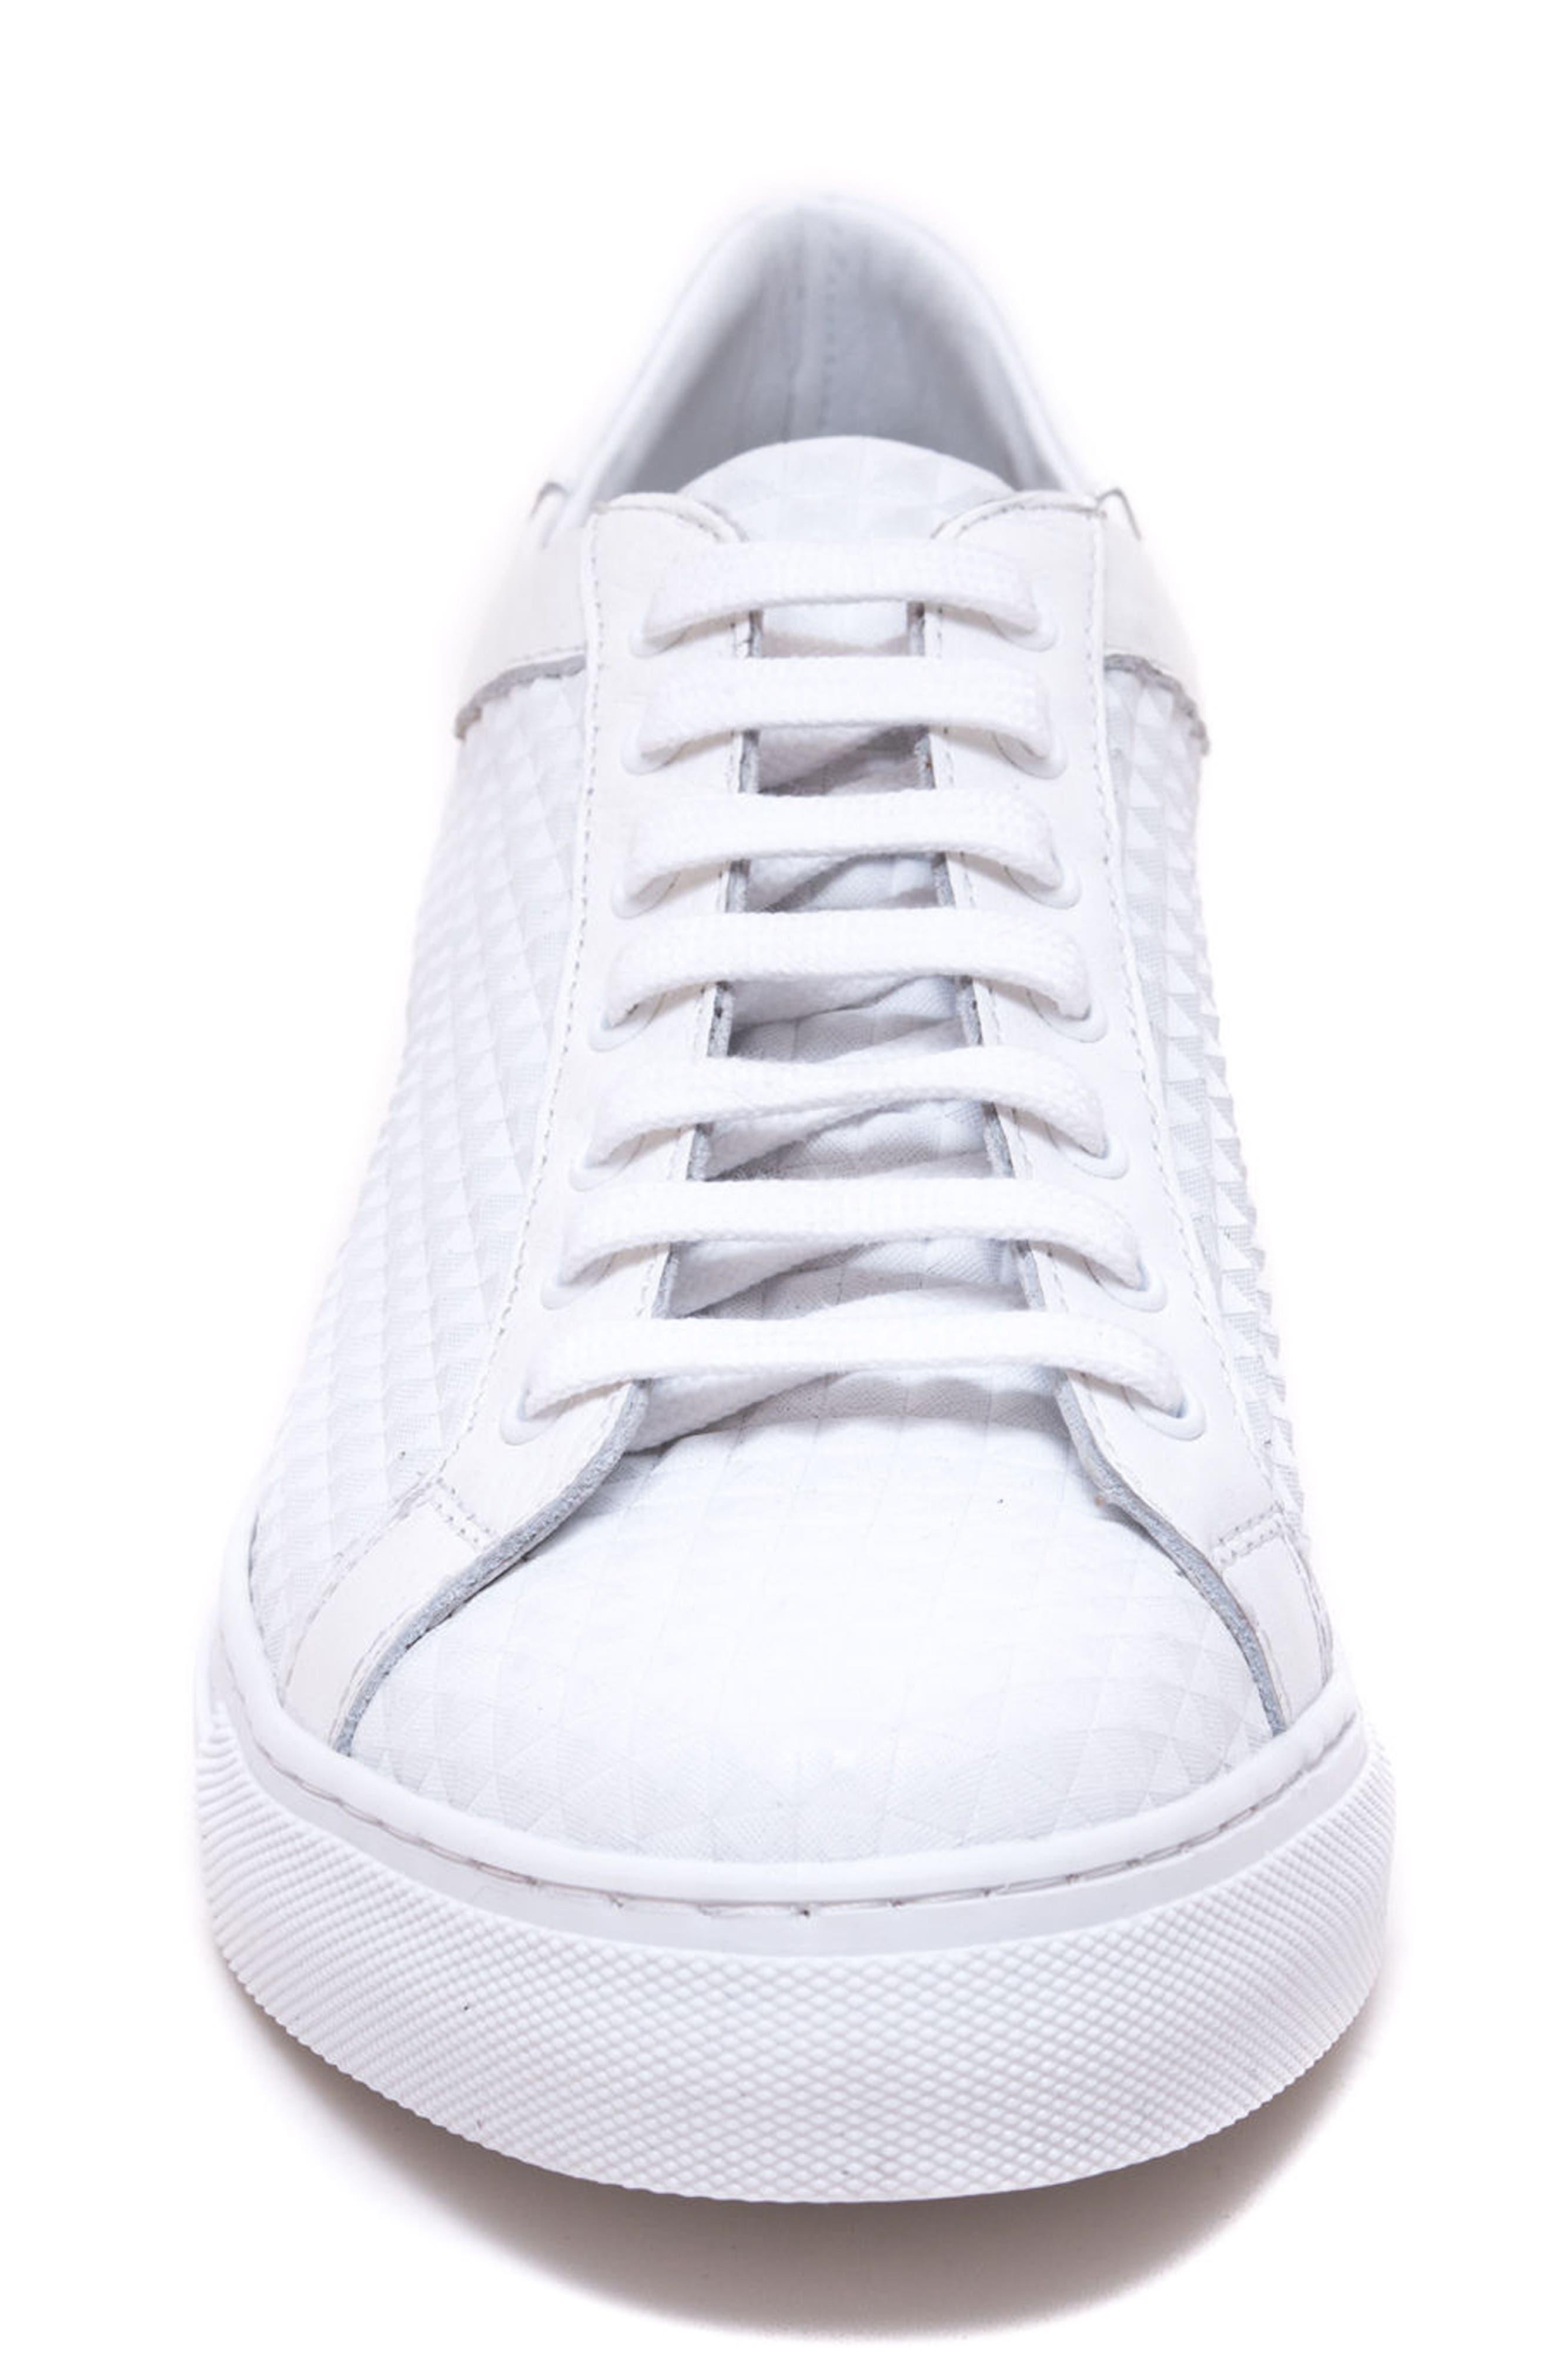 Scott Leather Sneaker,                             Alternate thumbnail 4, color,                             White